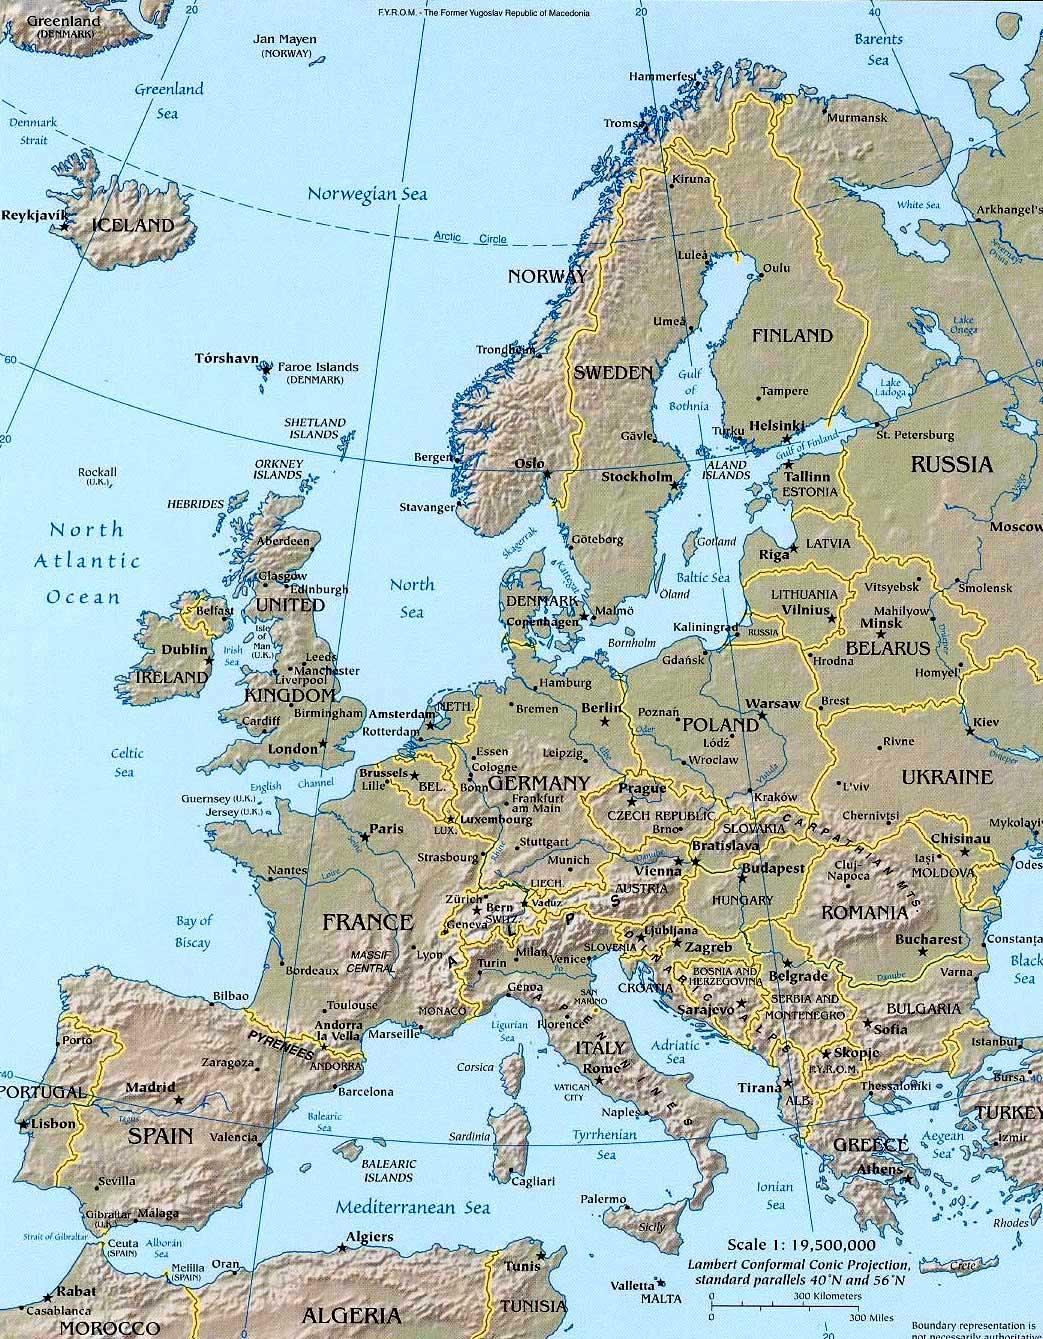 Evropa Podrobnaya Karta Evropy Ckachat Ili Raspechatat Karta